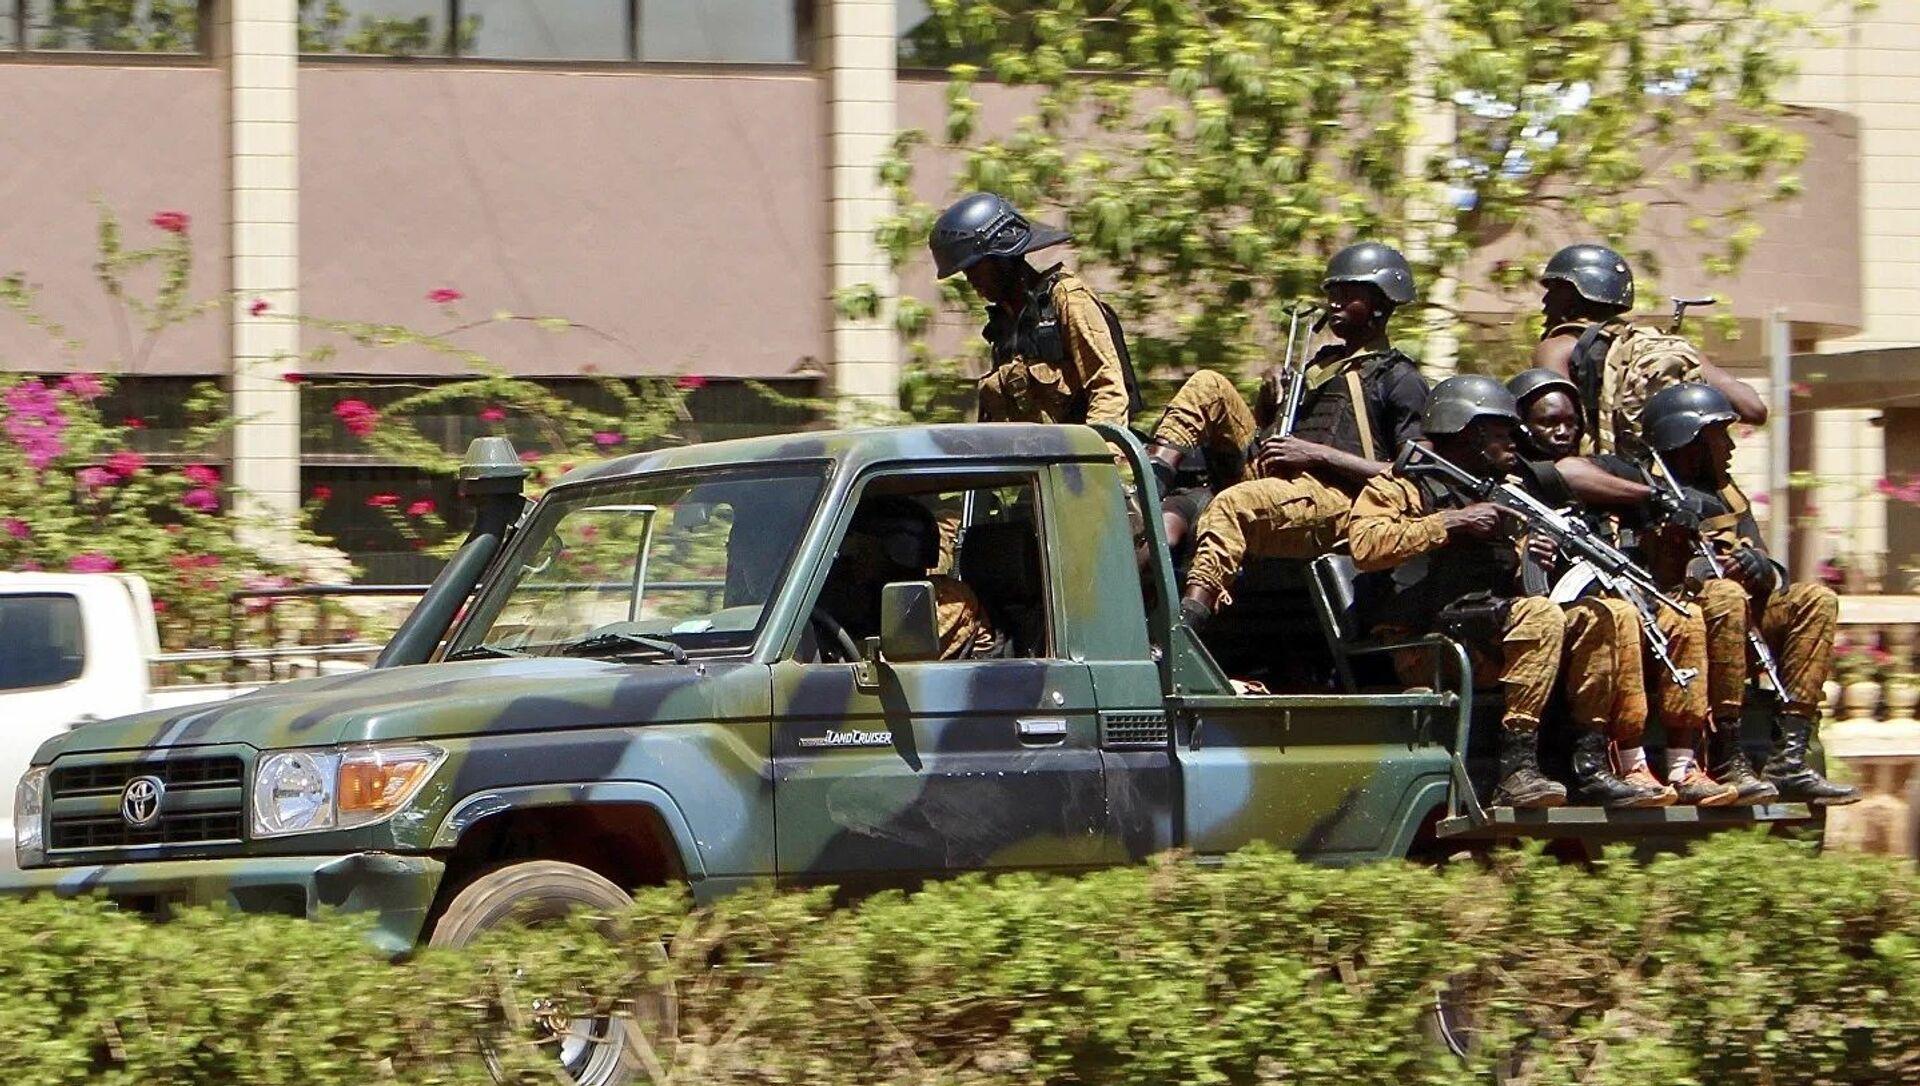 Des militaires roulent dans un véhicule près de l'ambassade de France à Ouagadougou, au Burkina Faso - Sputnik France, 1920, 27.07.2021